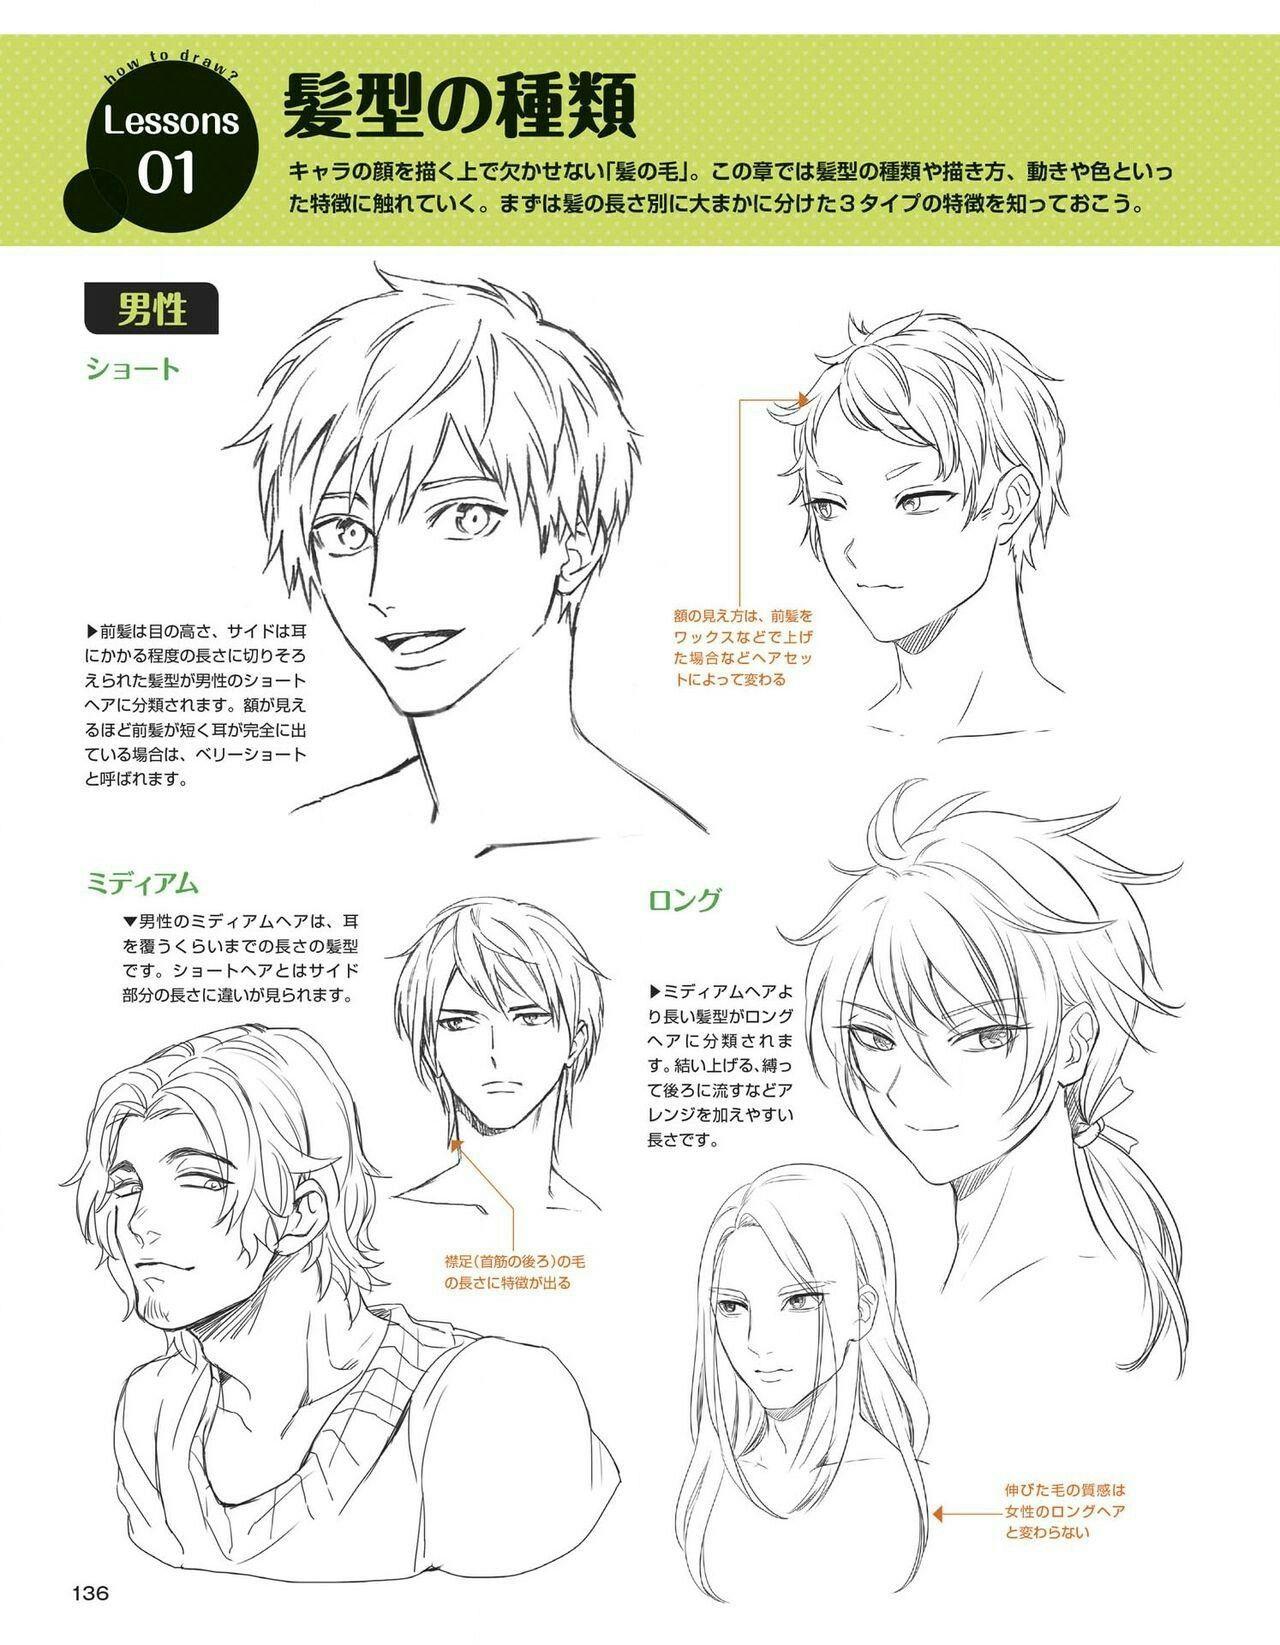 髪型の描き分けのコツを特集 色に頼らず上手くなろう Crepo クリポ Inside 髪型 ショート 描き方 Divtower Com Manga Drawing Tutorials Drawing Expressions Anime Drawings Tutorials